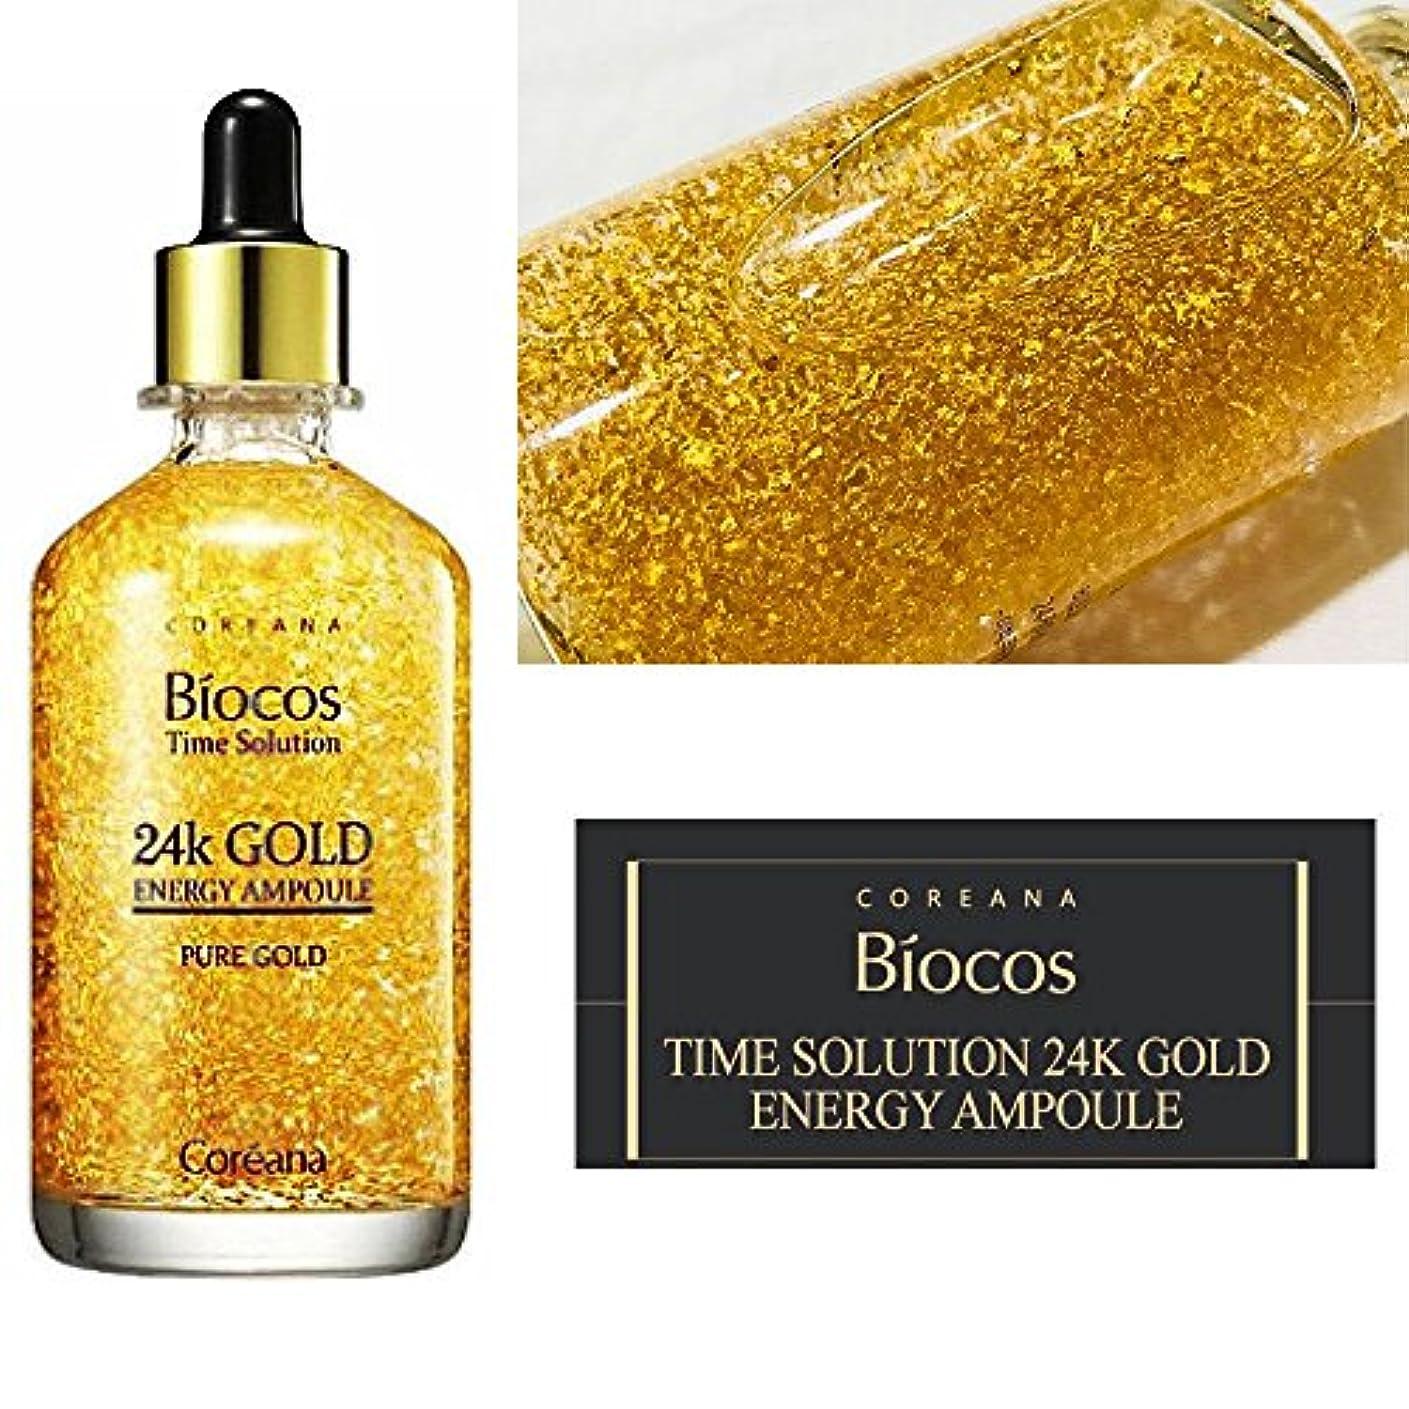 ビリー歯痛法王[COREANA] Biocos Time Solution 24kゴールドエナジーアンプル100ml/[COREANA] Biocos Time Solution 24K Gold Energy Ampoule - 100ml